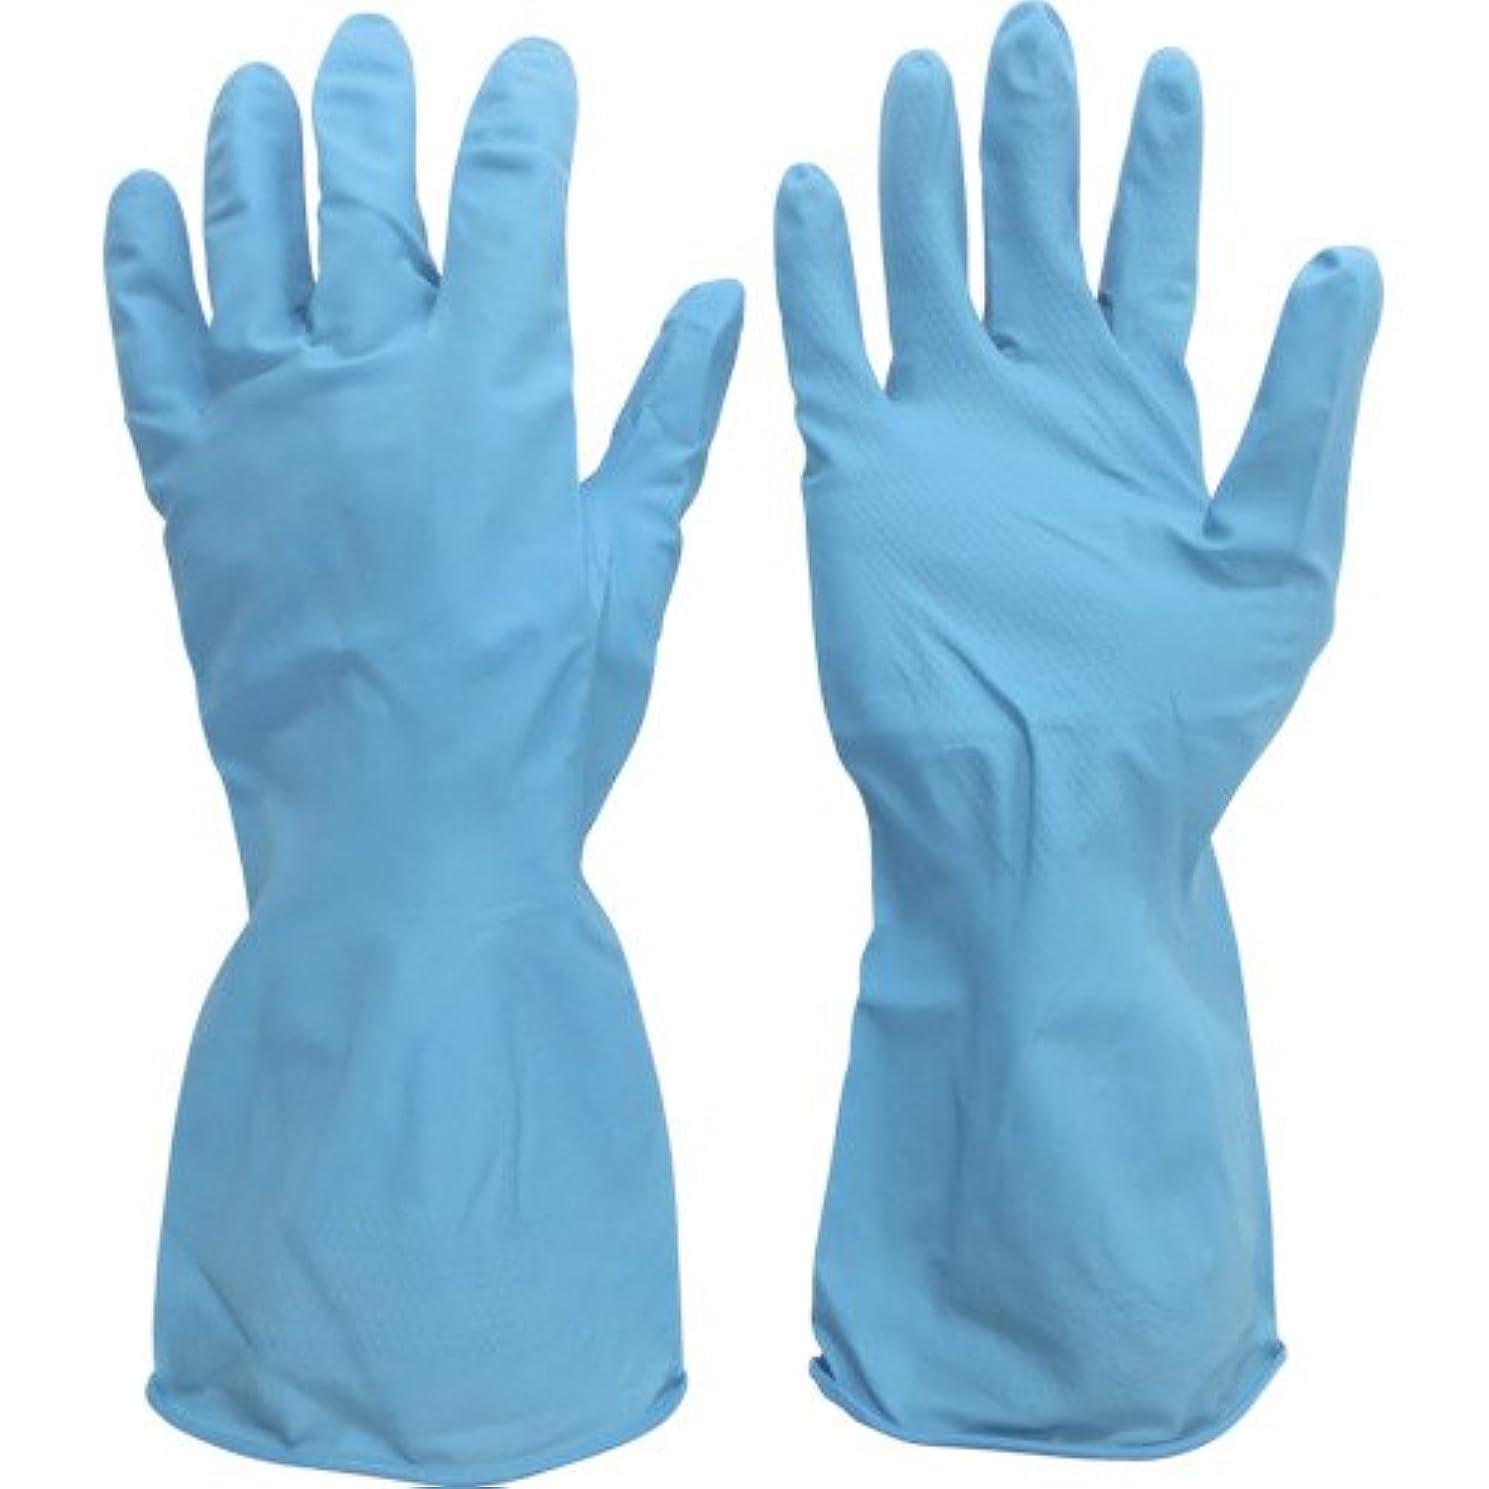 テープ男らしい開発するミドリ安全 ニトリル薄手手袋 ベルテ270 1双入 S VERTE-270-S